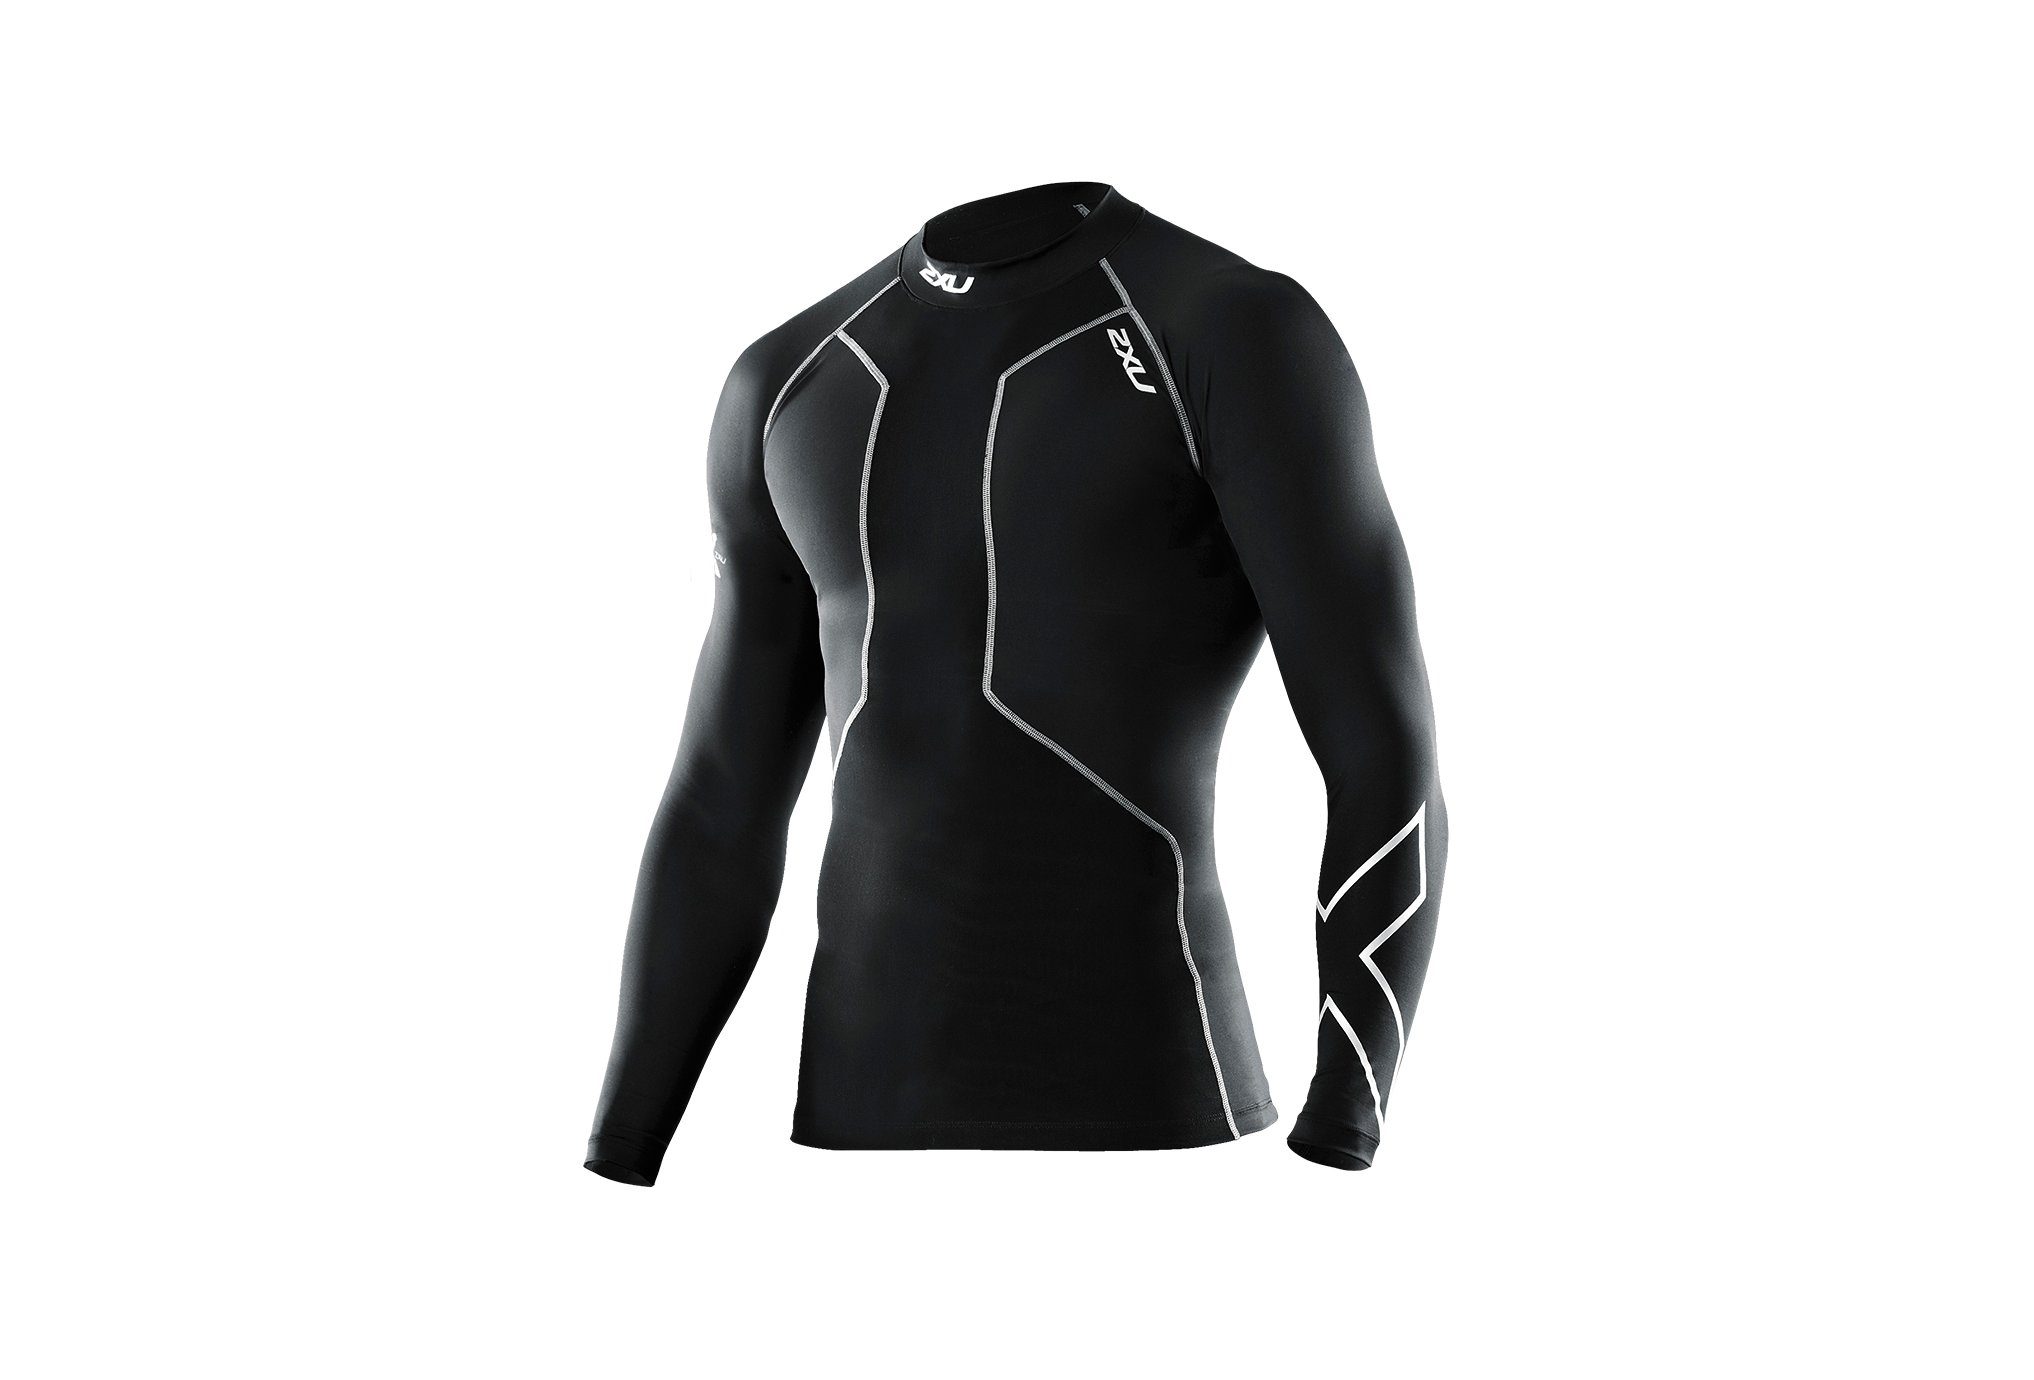 2xu Refresh swim recovery compression m diététique vêtements homme